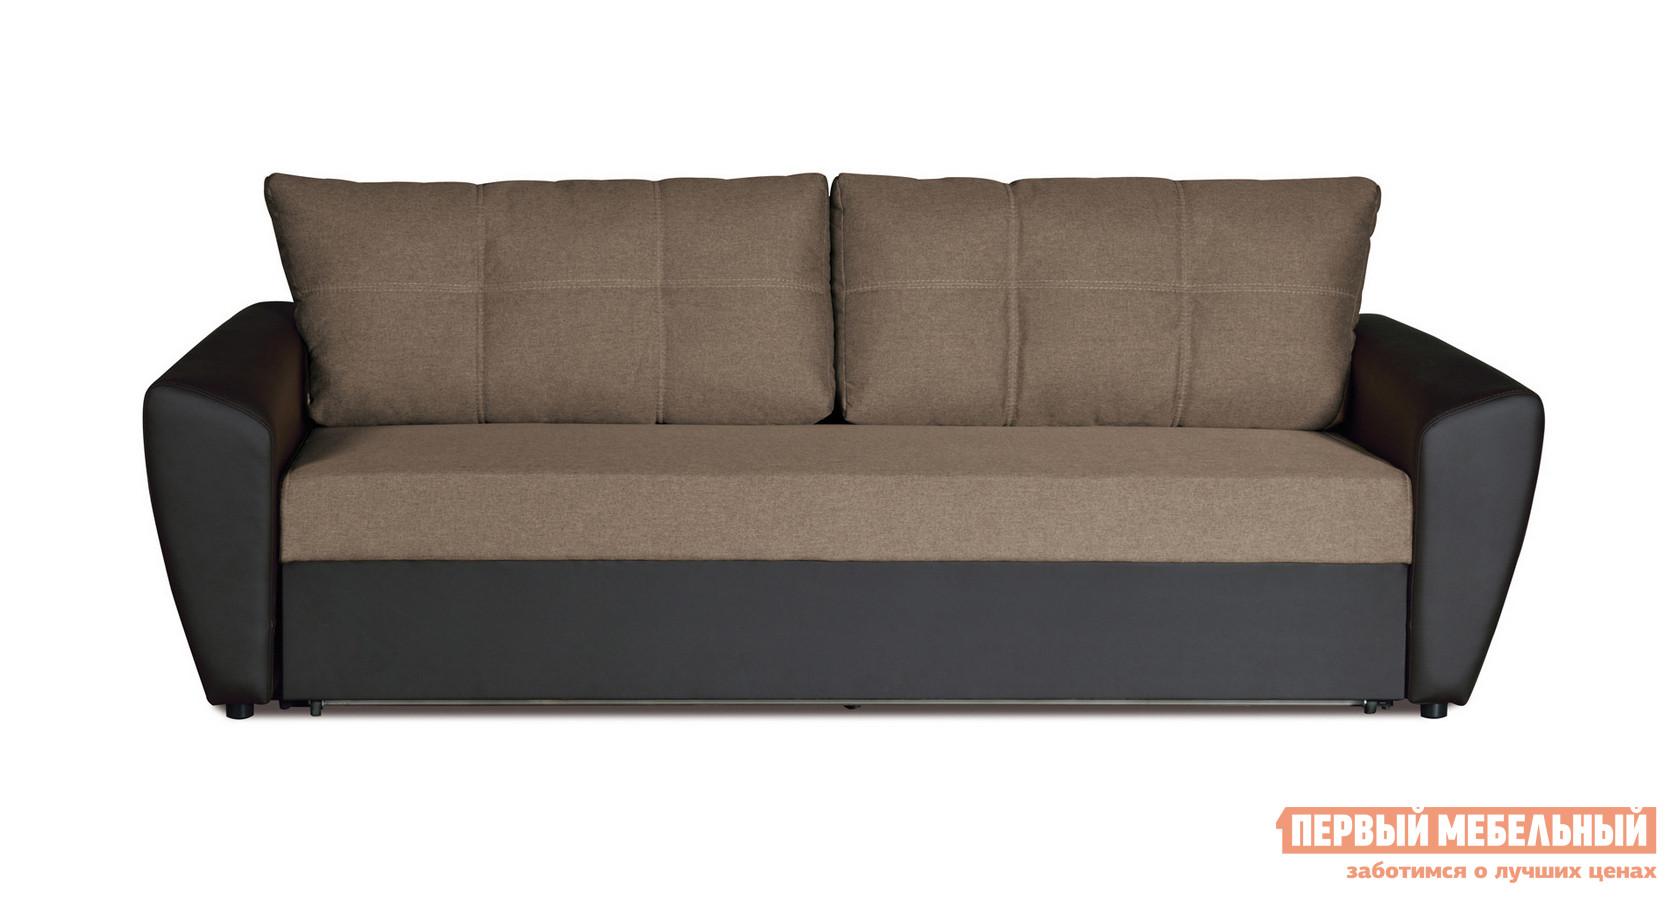 Диван Первый Мебельный Амстердам Темно-коричневая рогожка